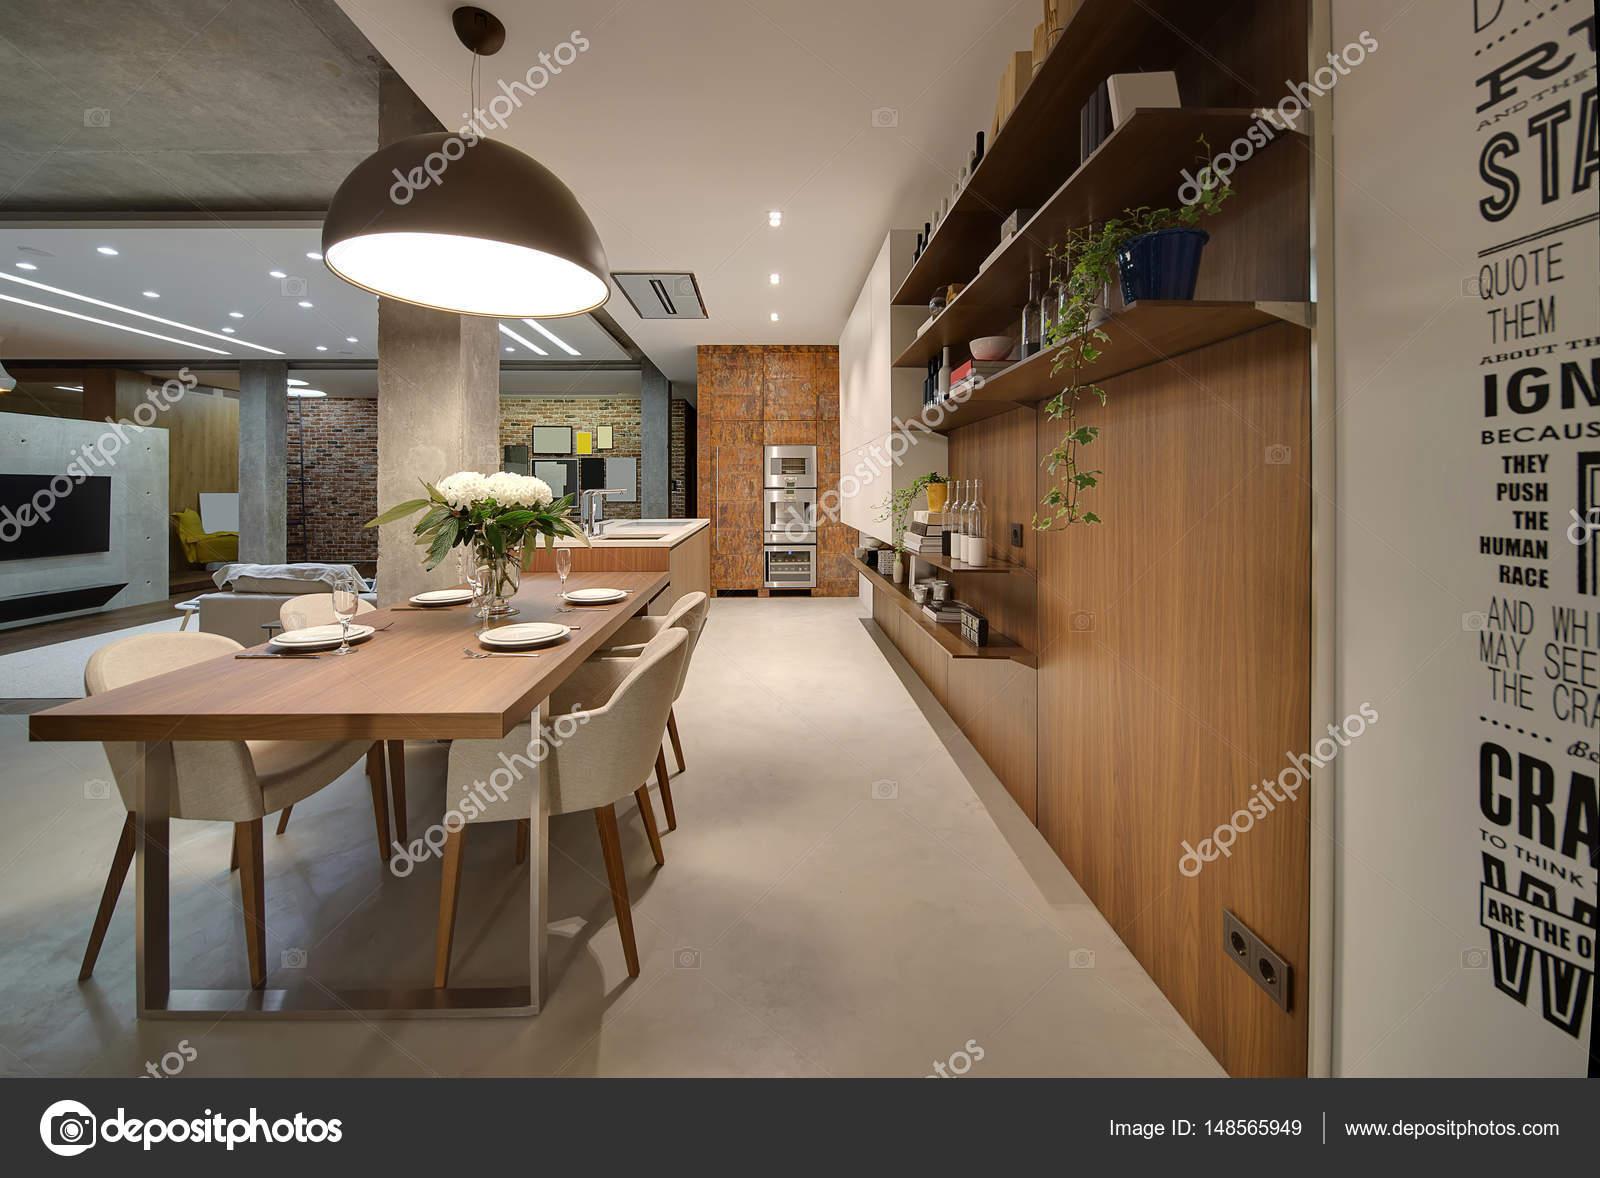 Apartamento Em Estilo Loft Fotografias De Stock Bezikus 148565949